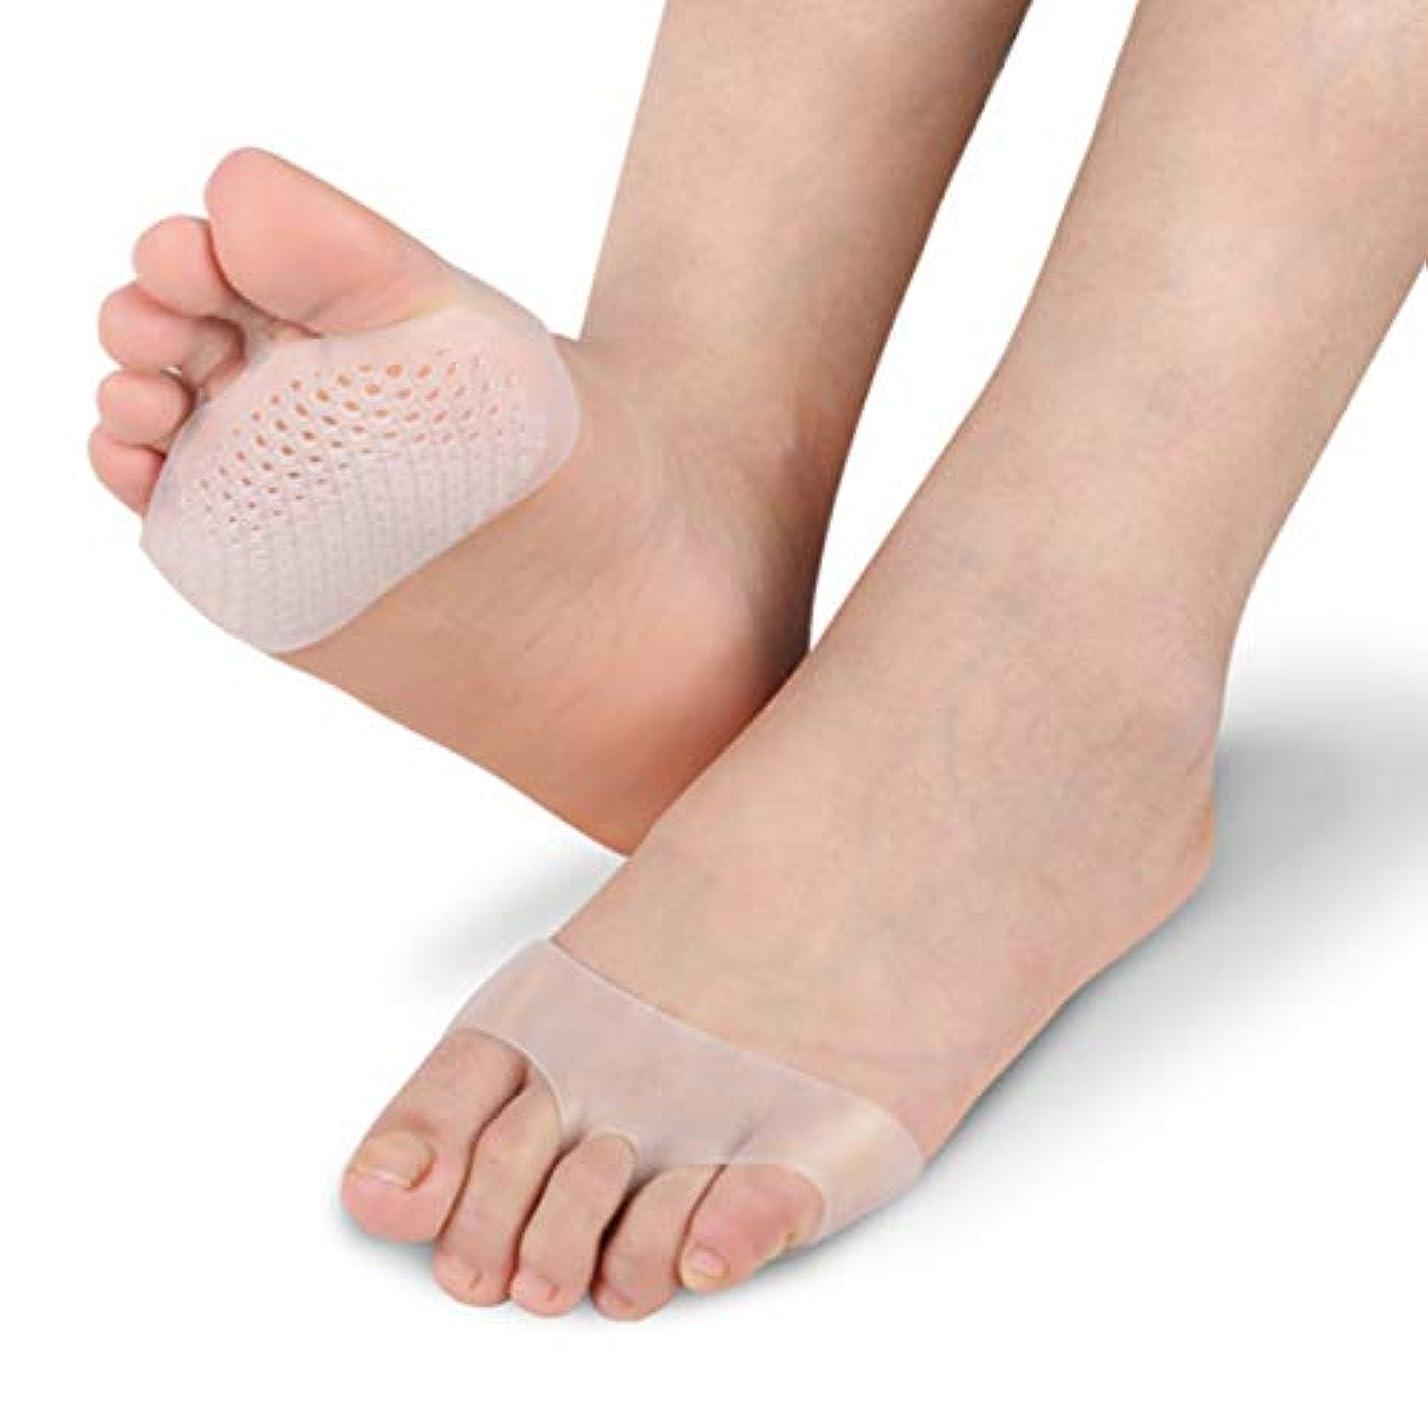 語ポイント生物学DeeploveUU 通気性ソフトシリコーン女性インソールパッド滑り止め快適な女性フロントフットケアクッションハイヒールの靴パッド